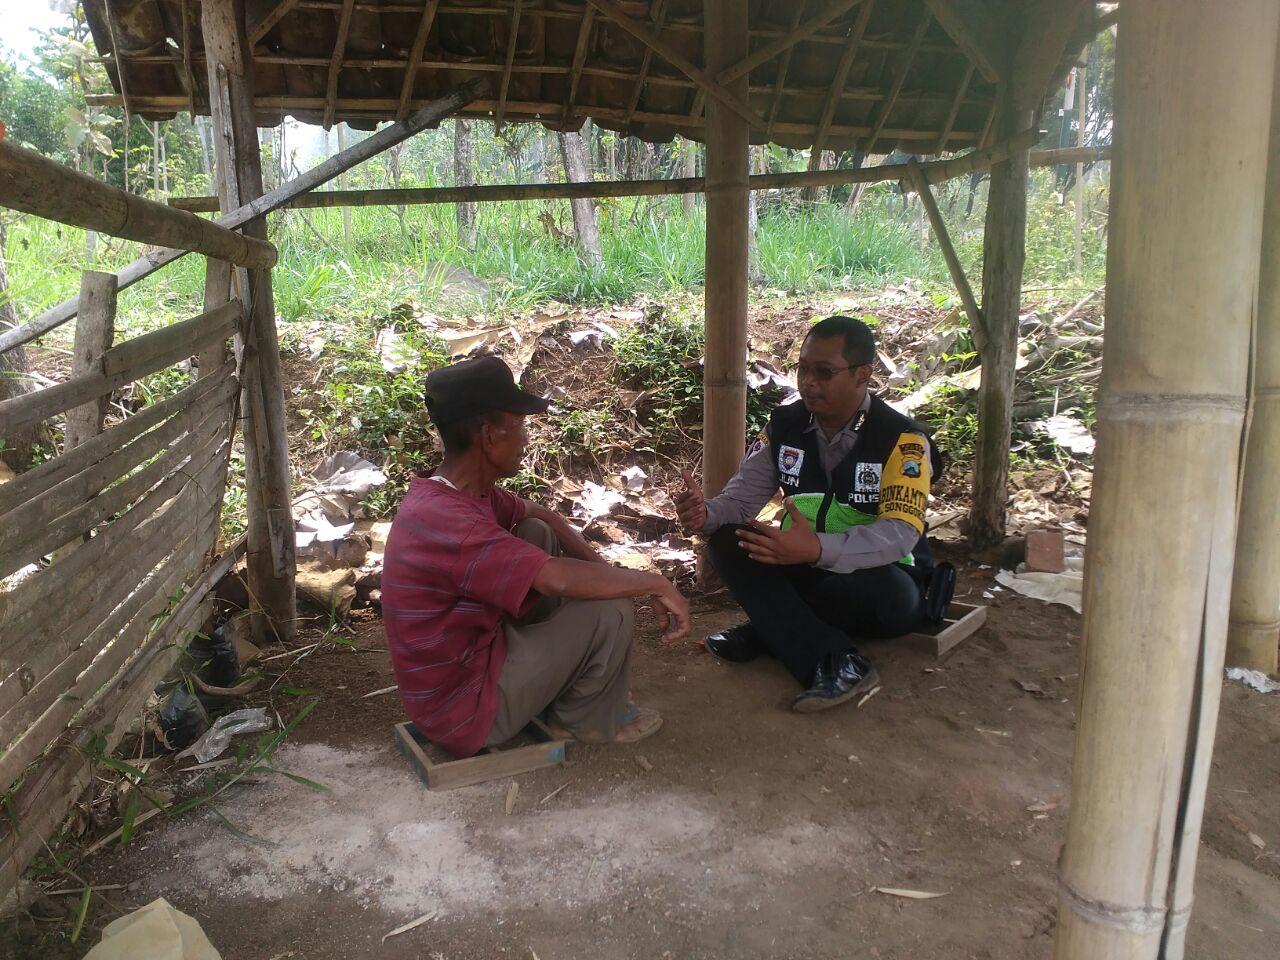 Anggota Bhabinkamtibmas Polres Batu Sambang Petani bagikan Stiker Himbauan Kamtibmas